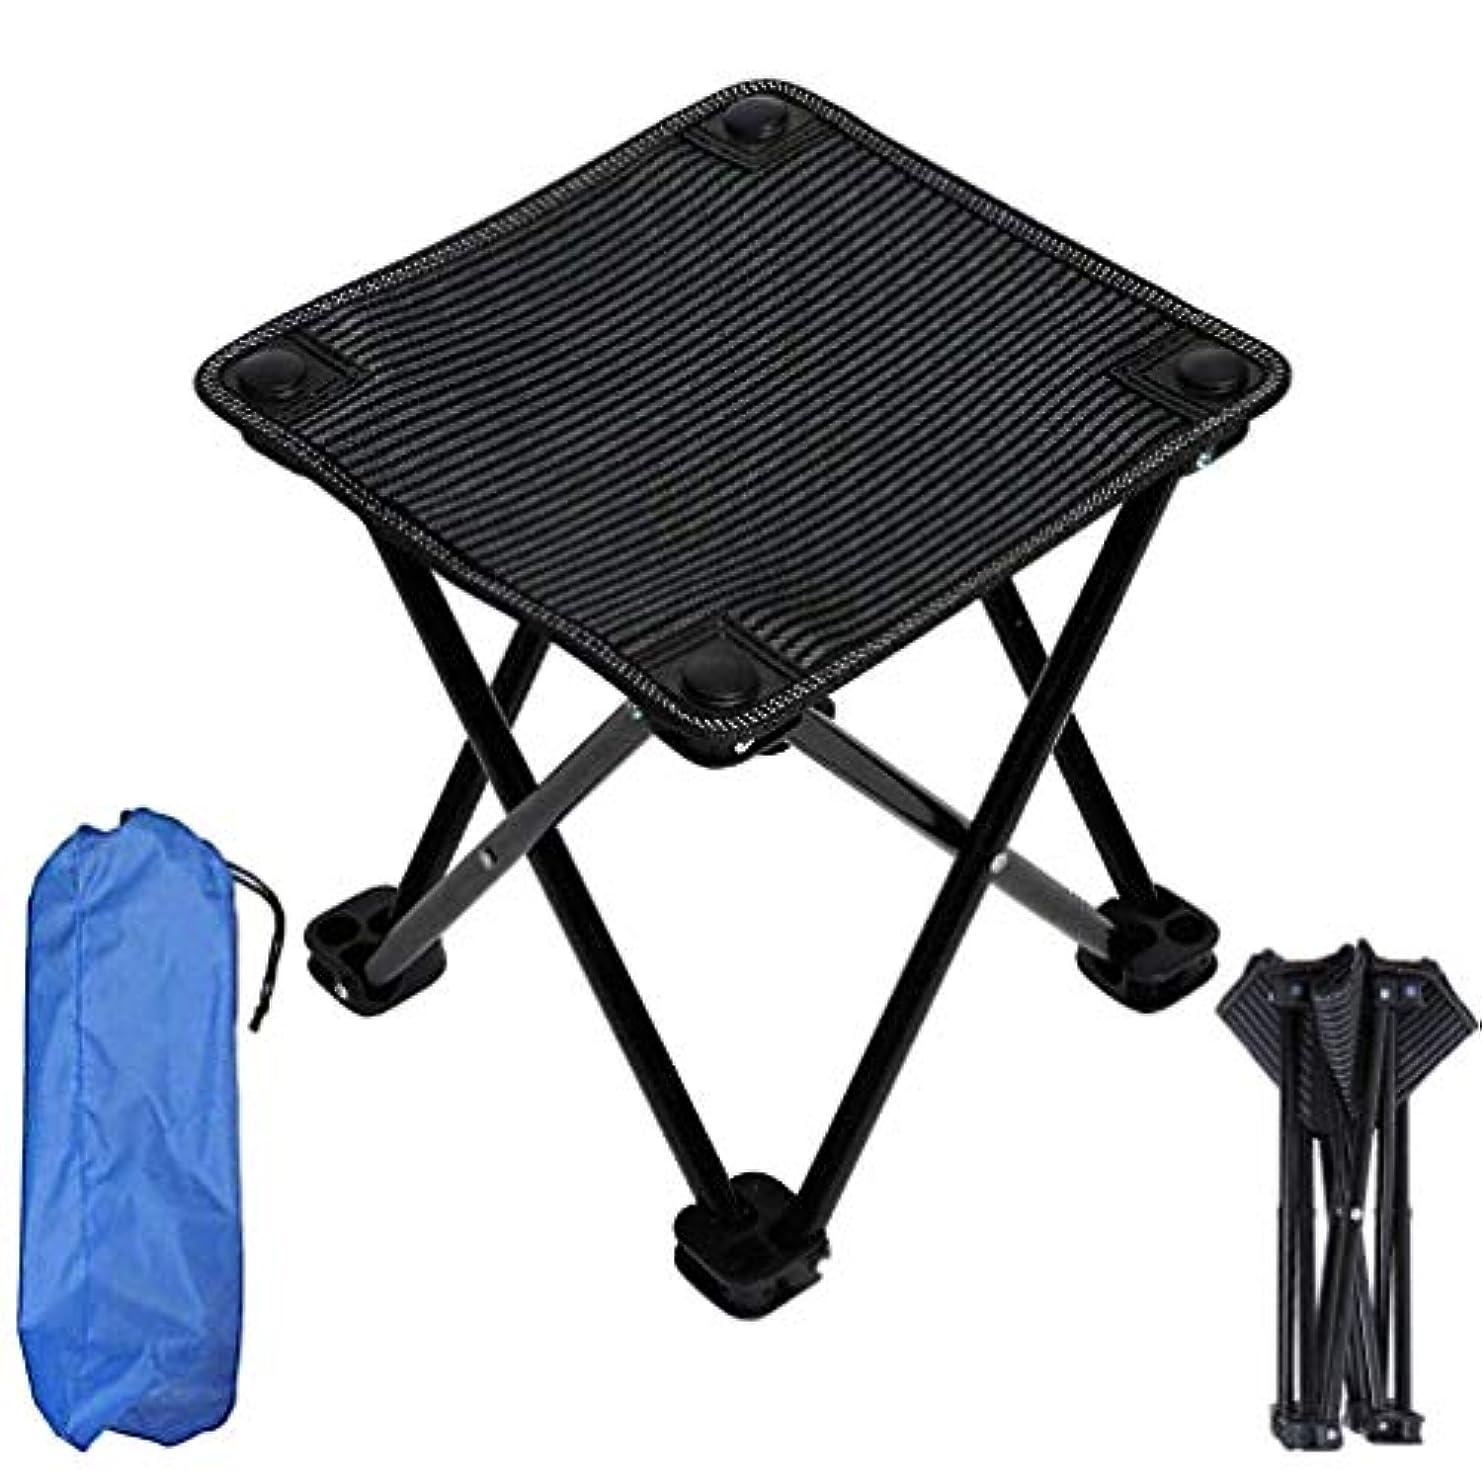 メディアライバル備品キャンプチェア人間工学に基づいたハイバックサポート264ポンド、キャリーバッグとカップホルダー付き通気性と快適性、アウトドア、バーベキュー、ハイキング、ピクニック、釣り、フェスティバル,B